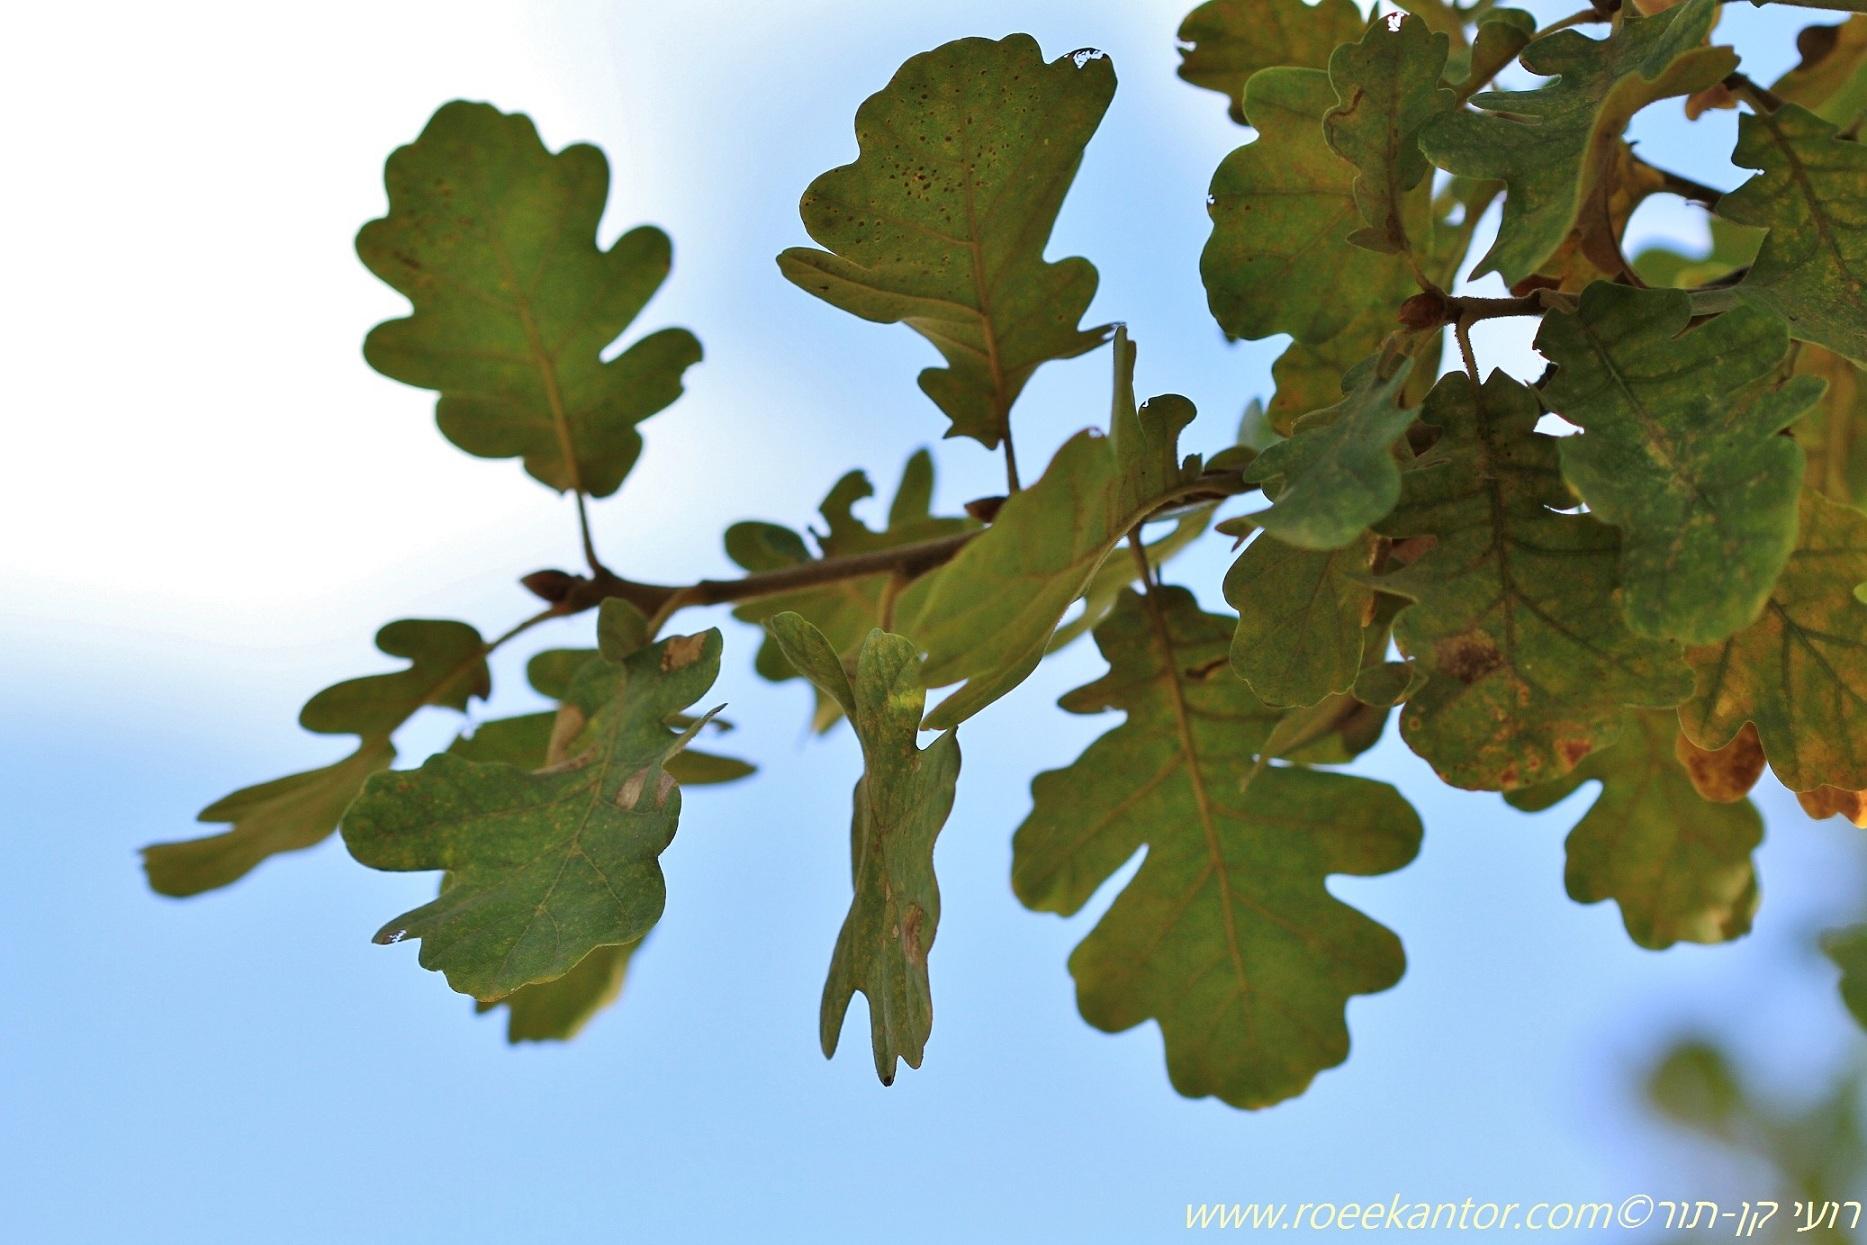 אלון ישוב Quercus petraea (1).JPG